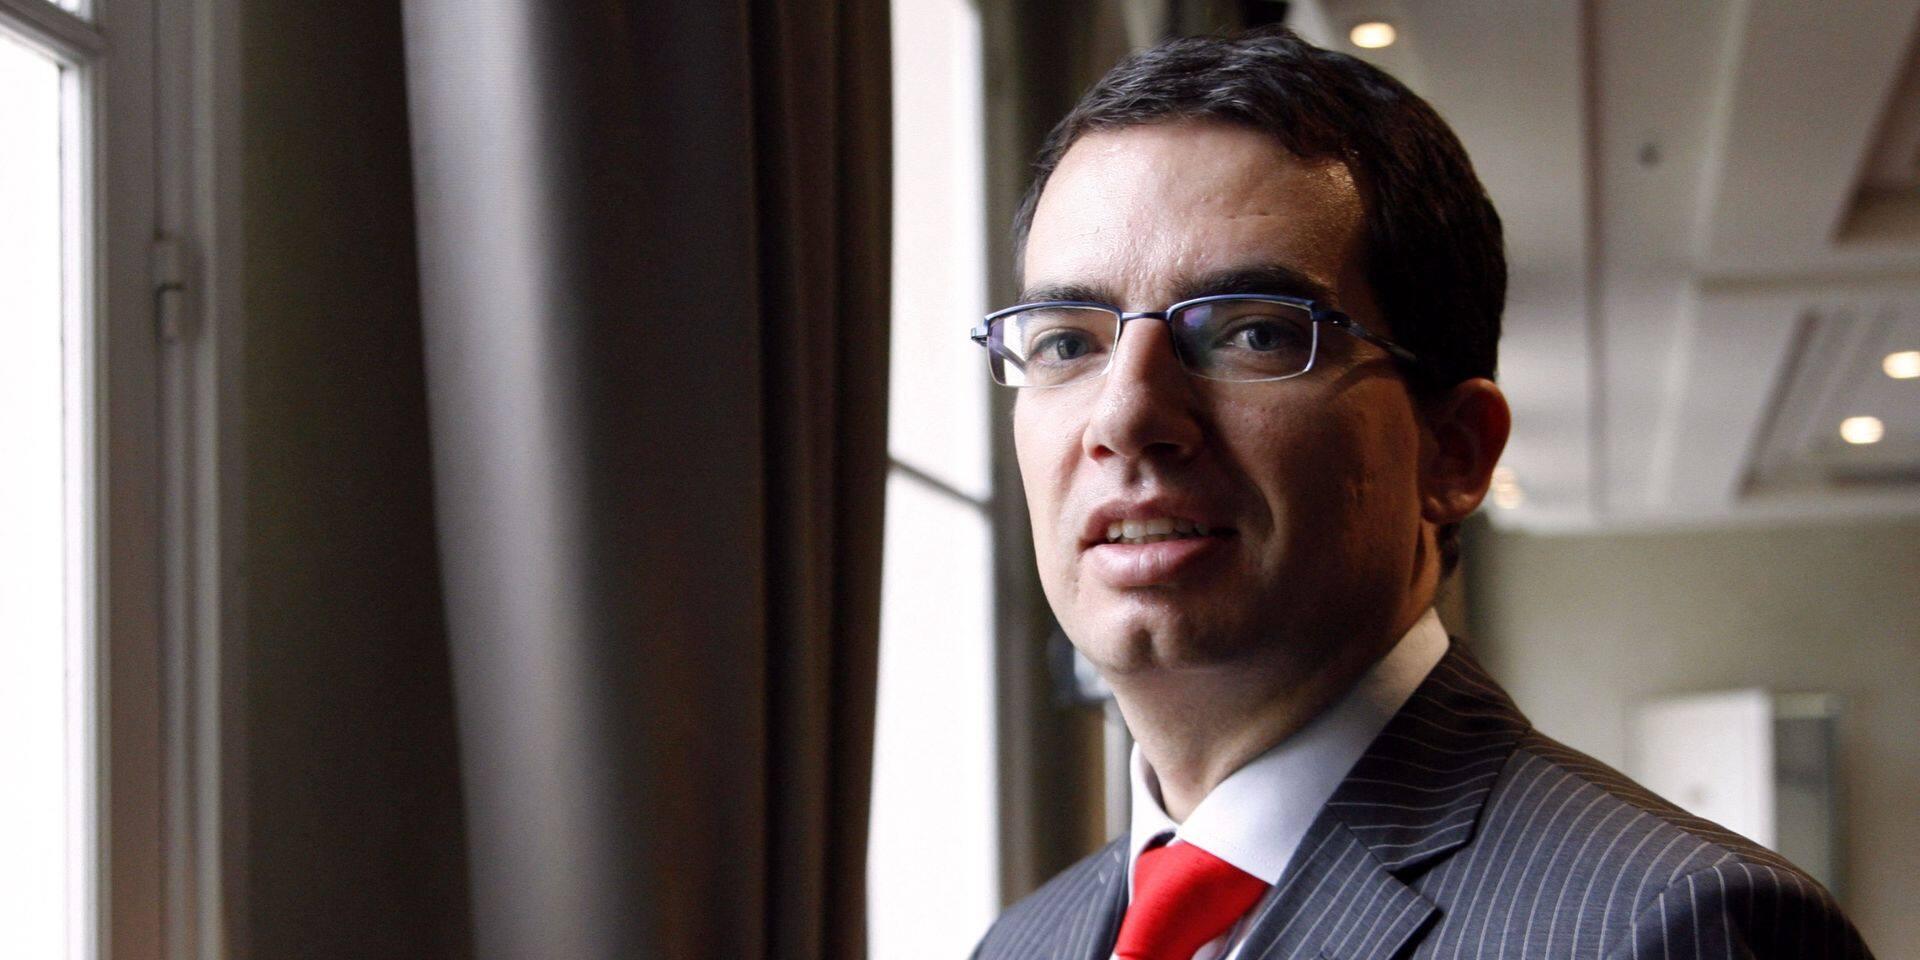 Originaire de Marseille, Stephane Bancel est le CEO de Moderna avec une fortune personnelle estimée à 4,3 milliards de dollars.